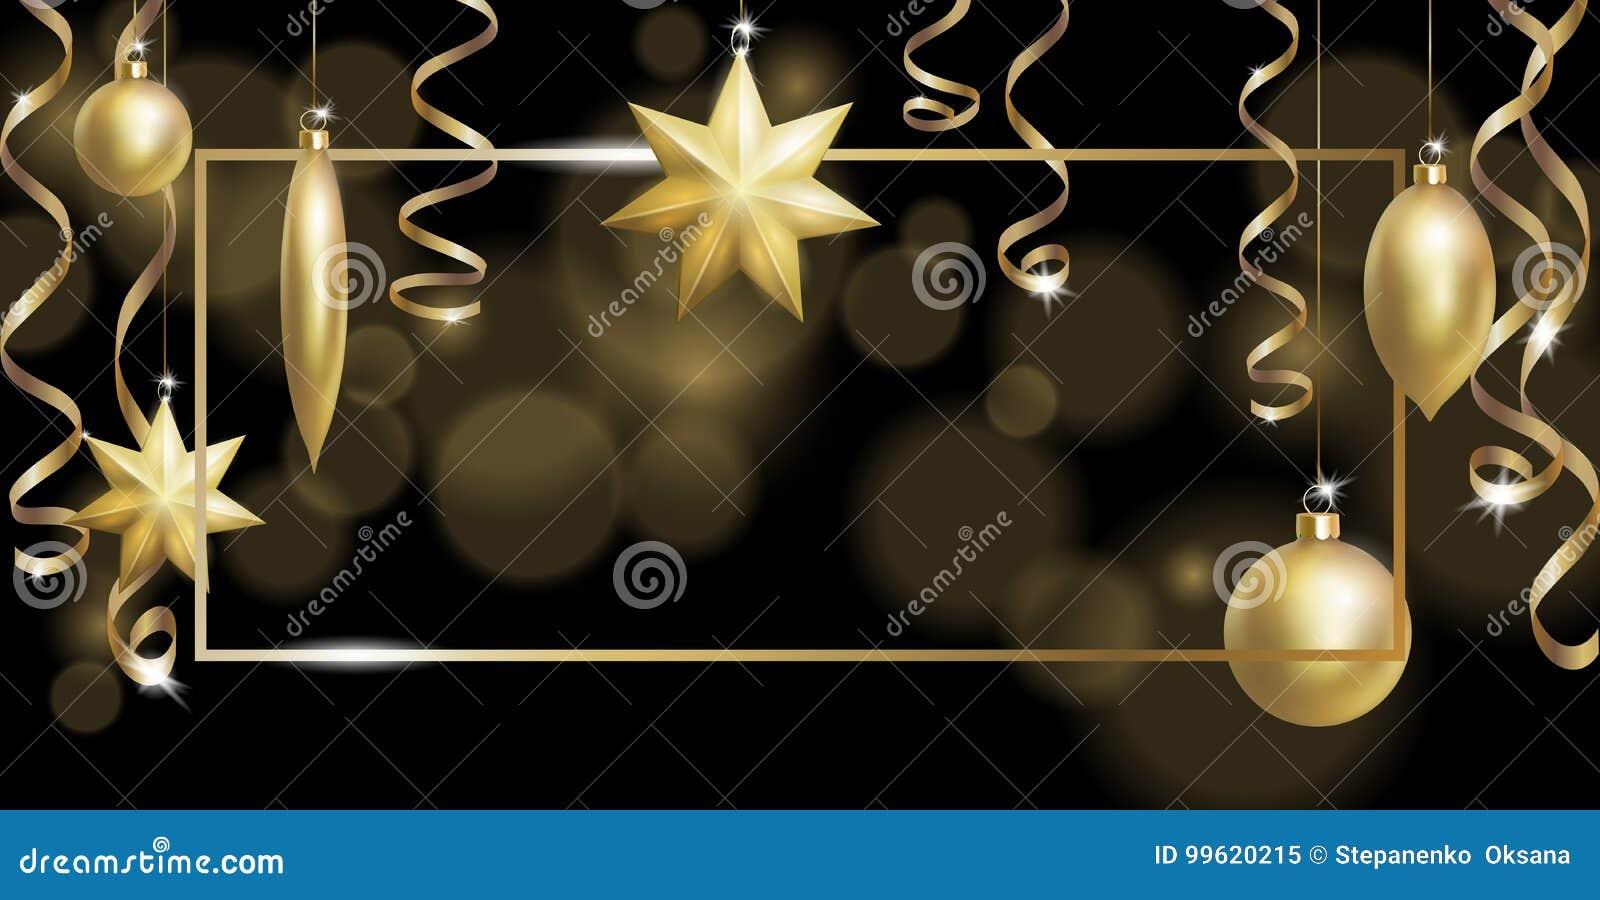 Modello dell insegna della struttura di Natale Fiamma d argento dorata della serpentina della scintilla della stella dei giocatto